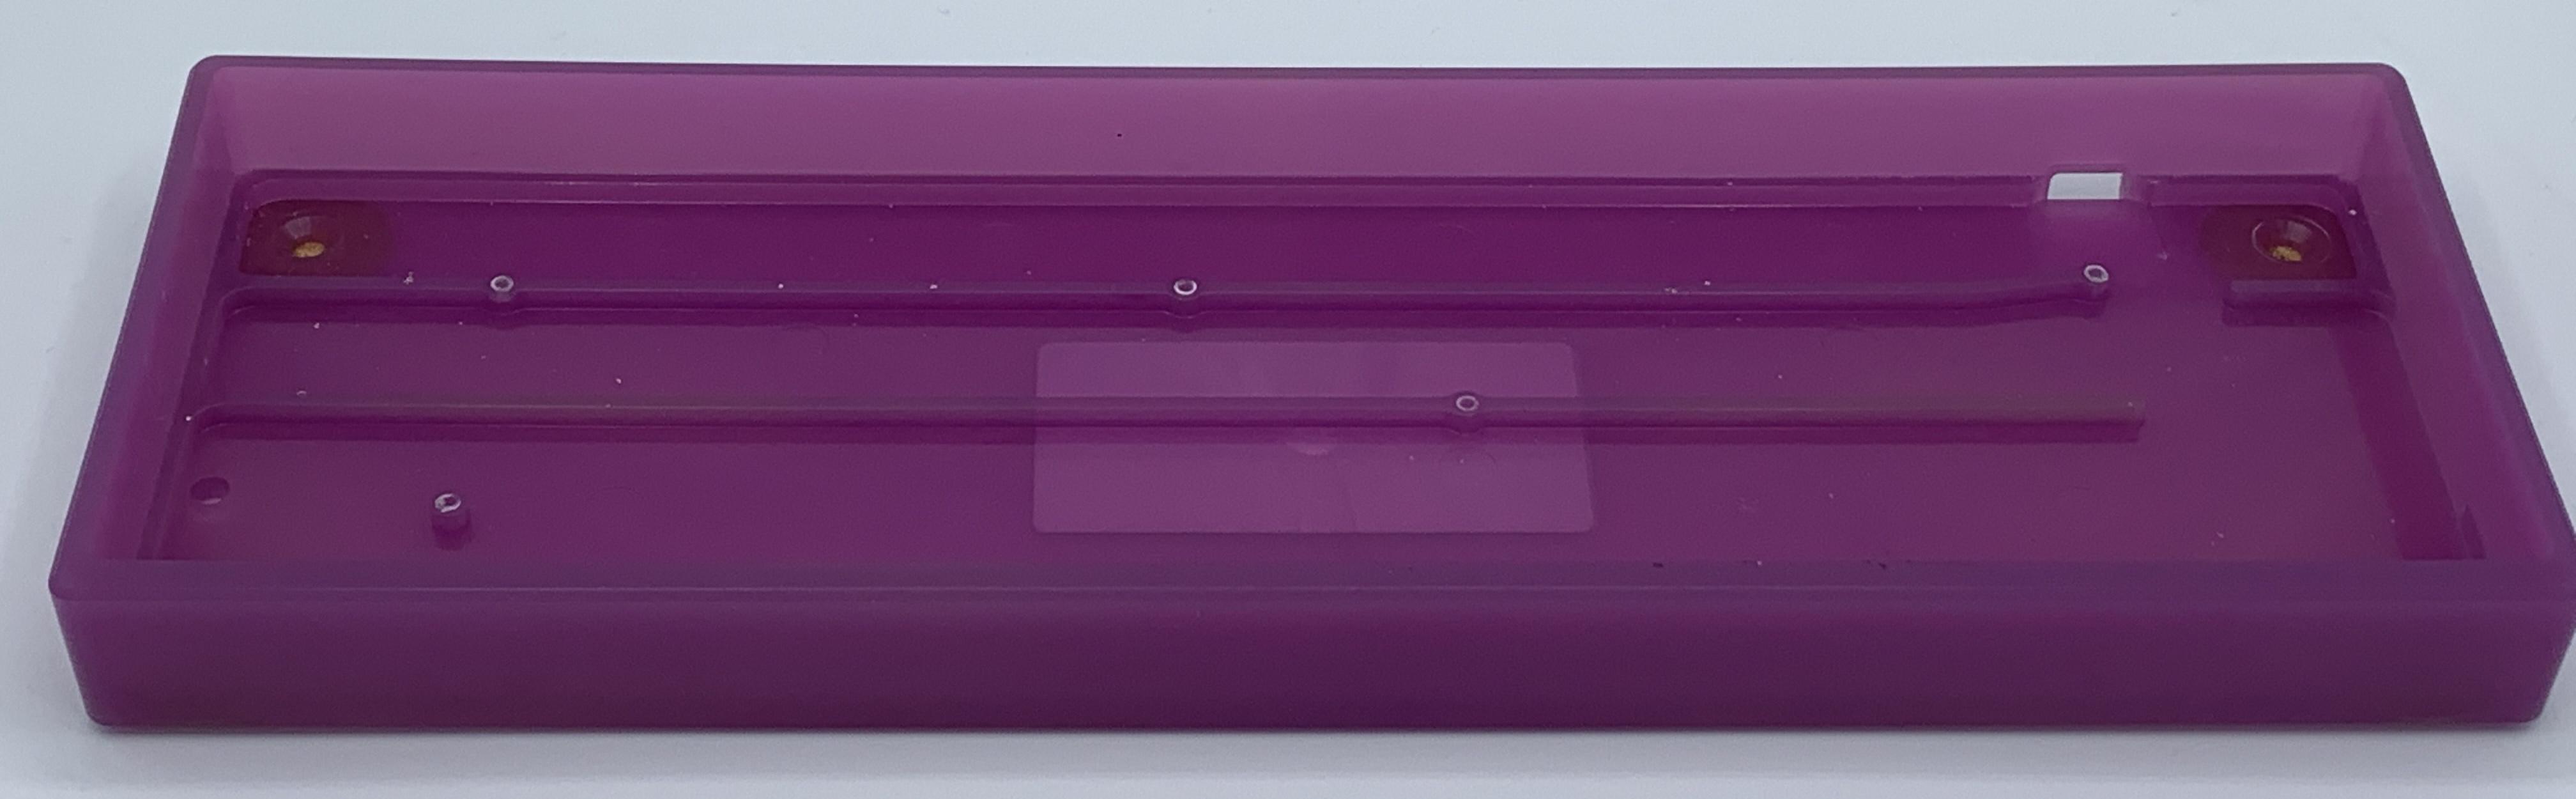 Inside of the Atom plastic case